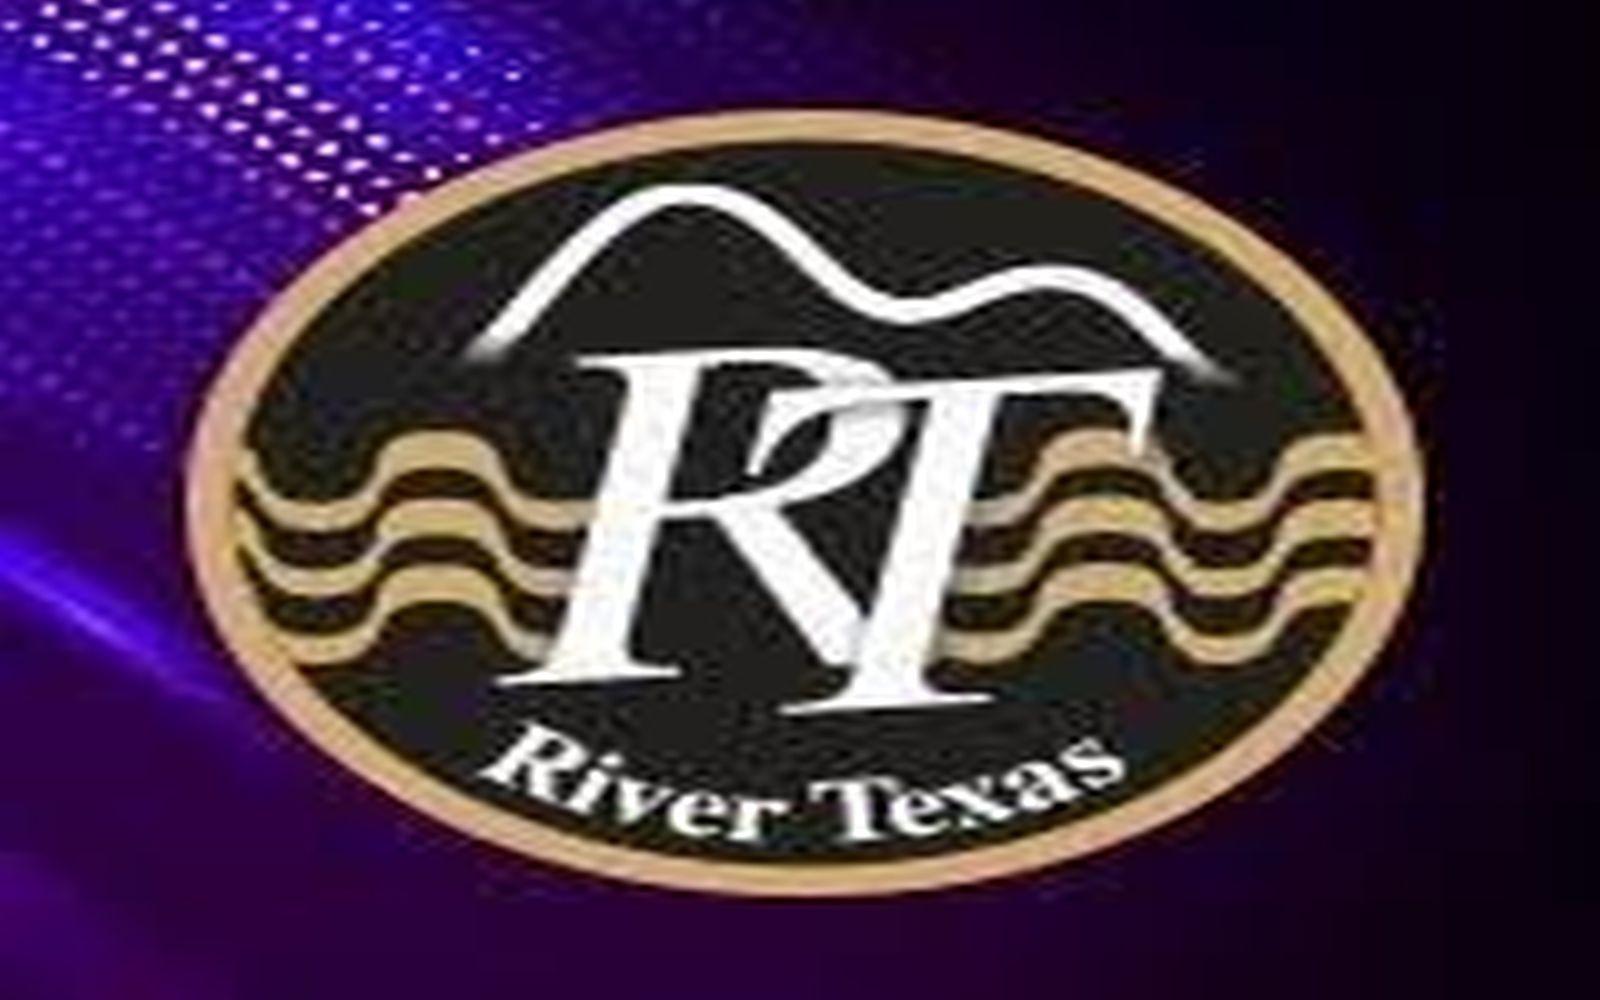 River Texas